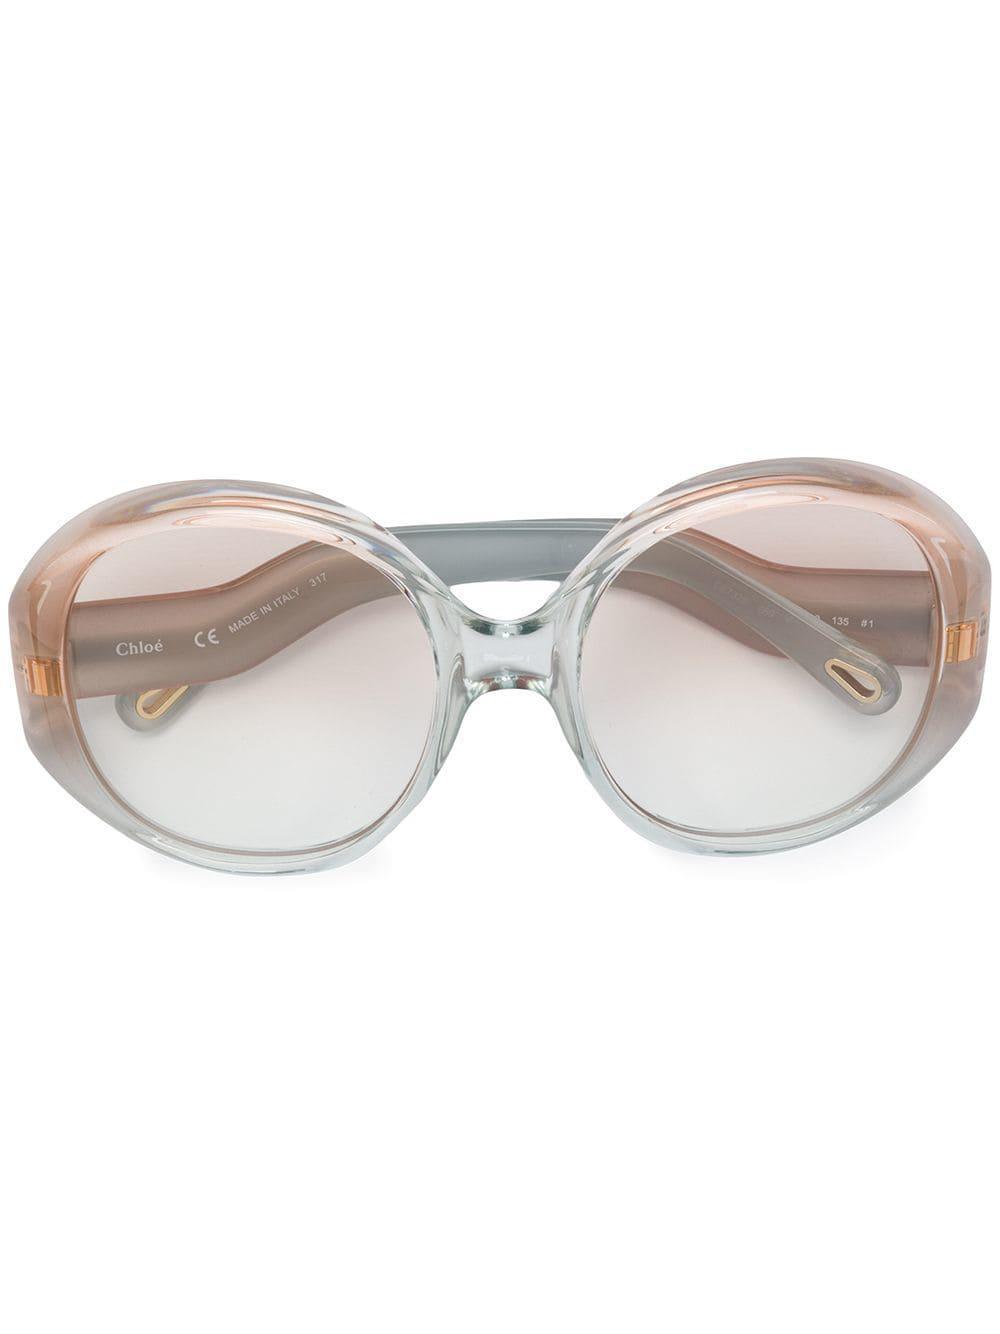 ad1a656d14 Lyst - Gafas de sol con montura redonda oversize Chloé